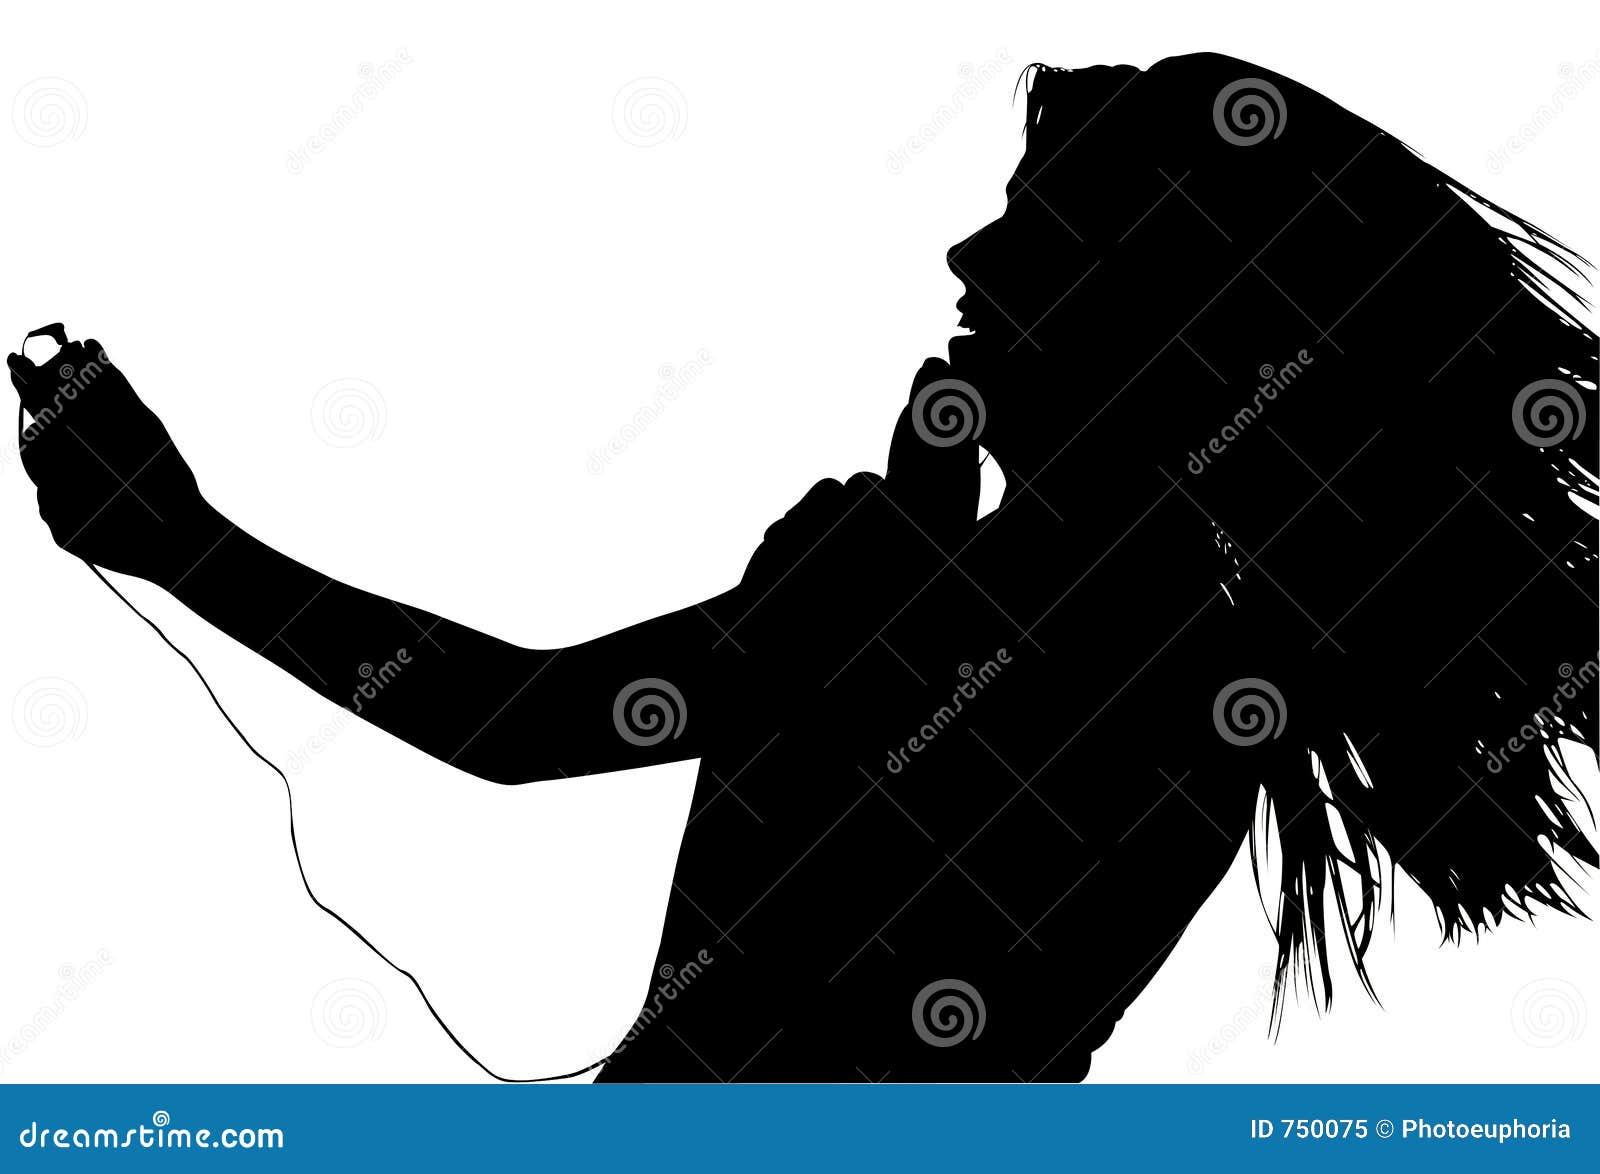 Silhouet met het Knippen van Weg van Tiener met de Digitale Speler van de Muziek